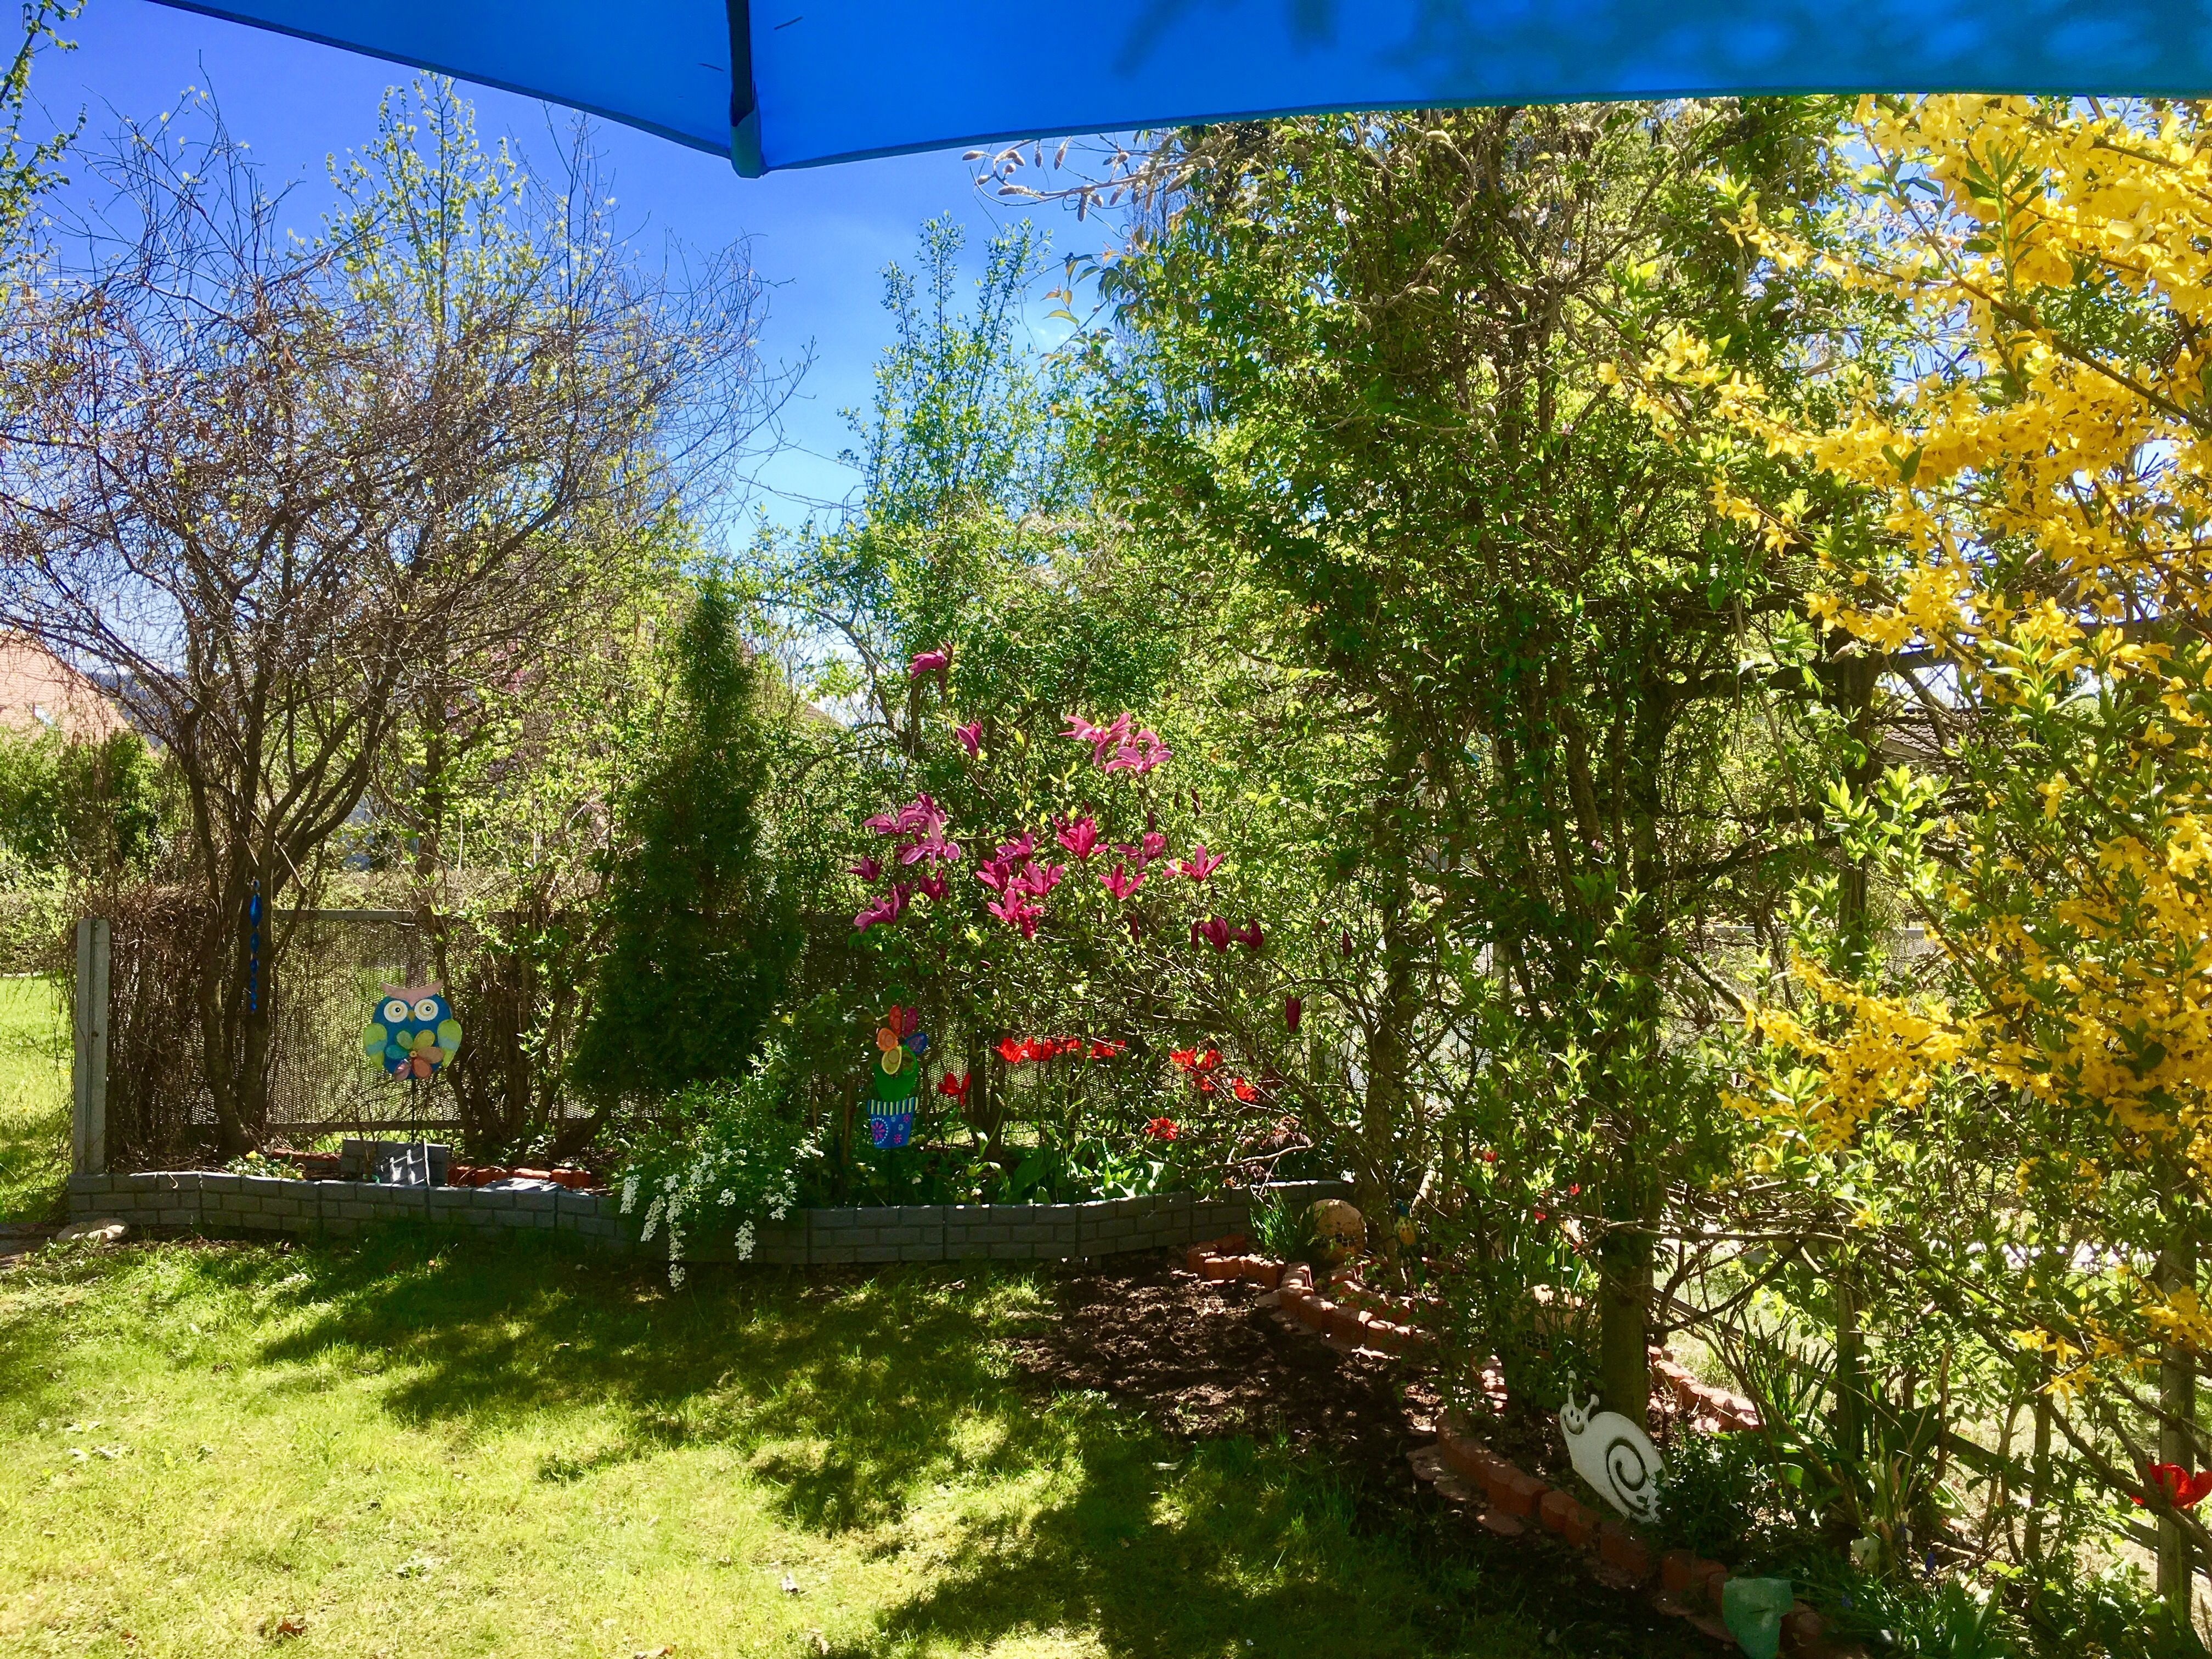 Kleiner Garten Grune Oase Gartenkunst Kleiner Garten Garten